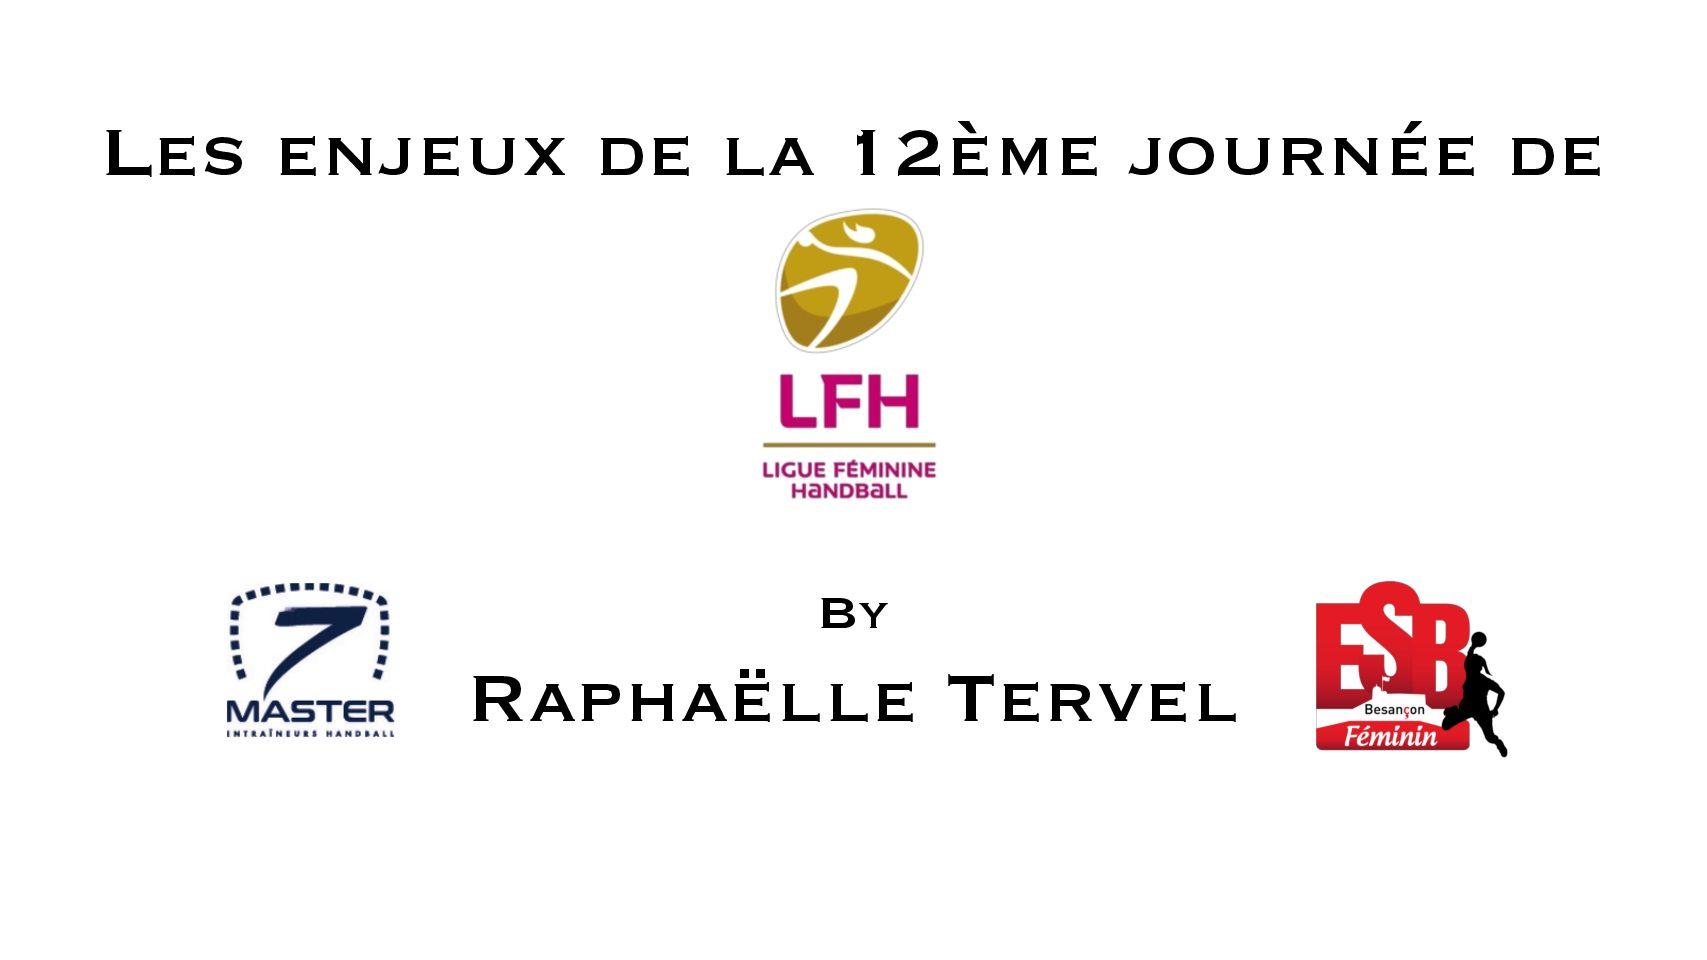 Les enjeux de la 12ème journée de LFH par Raphaëlle Tervel